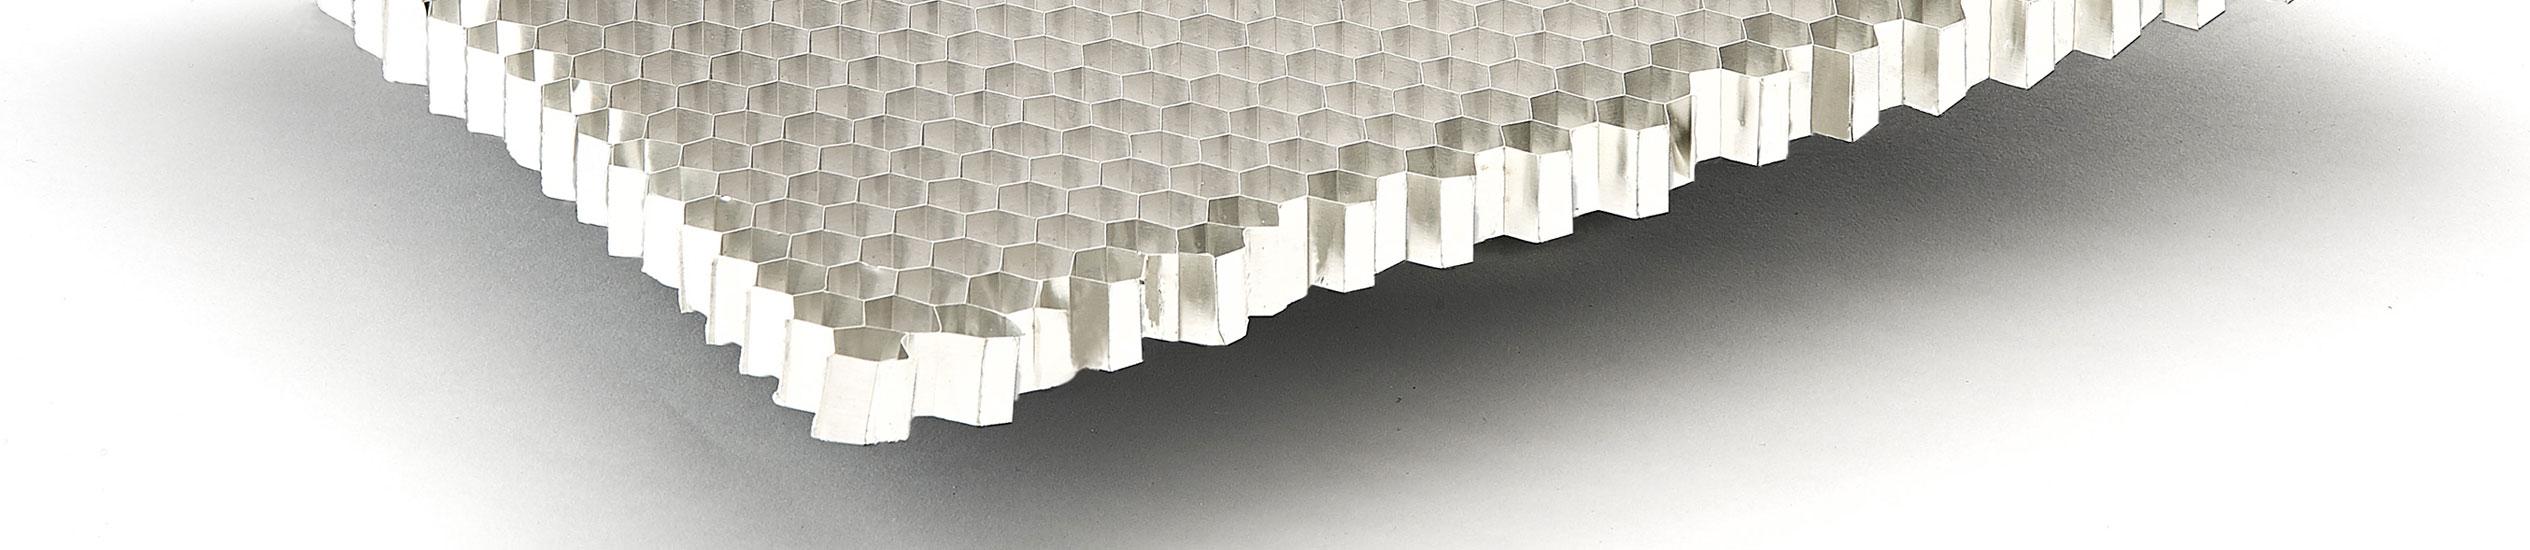 Aluminium honeycomb - CEL Components